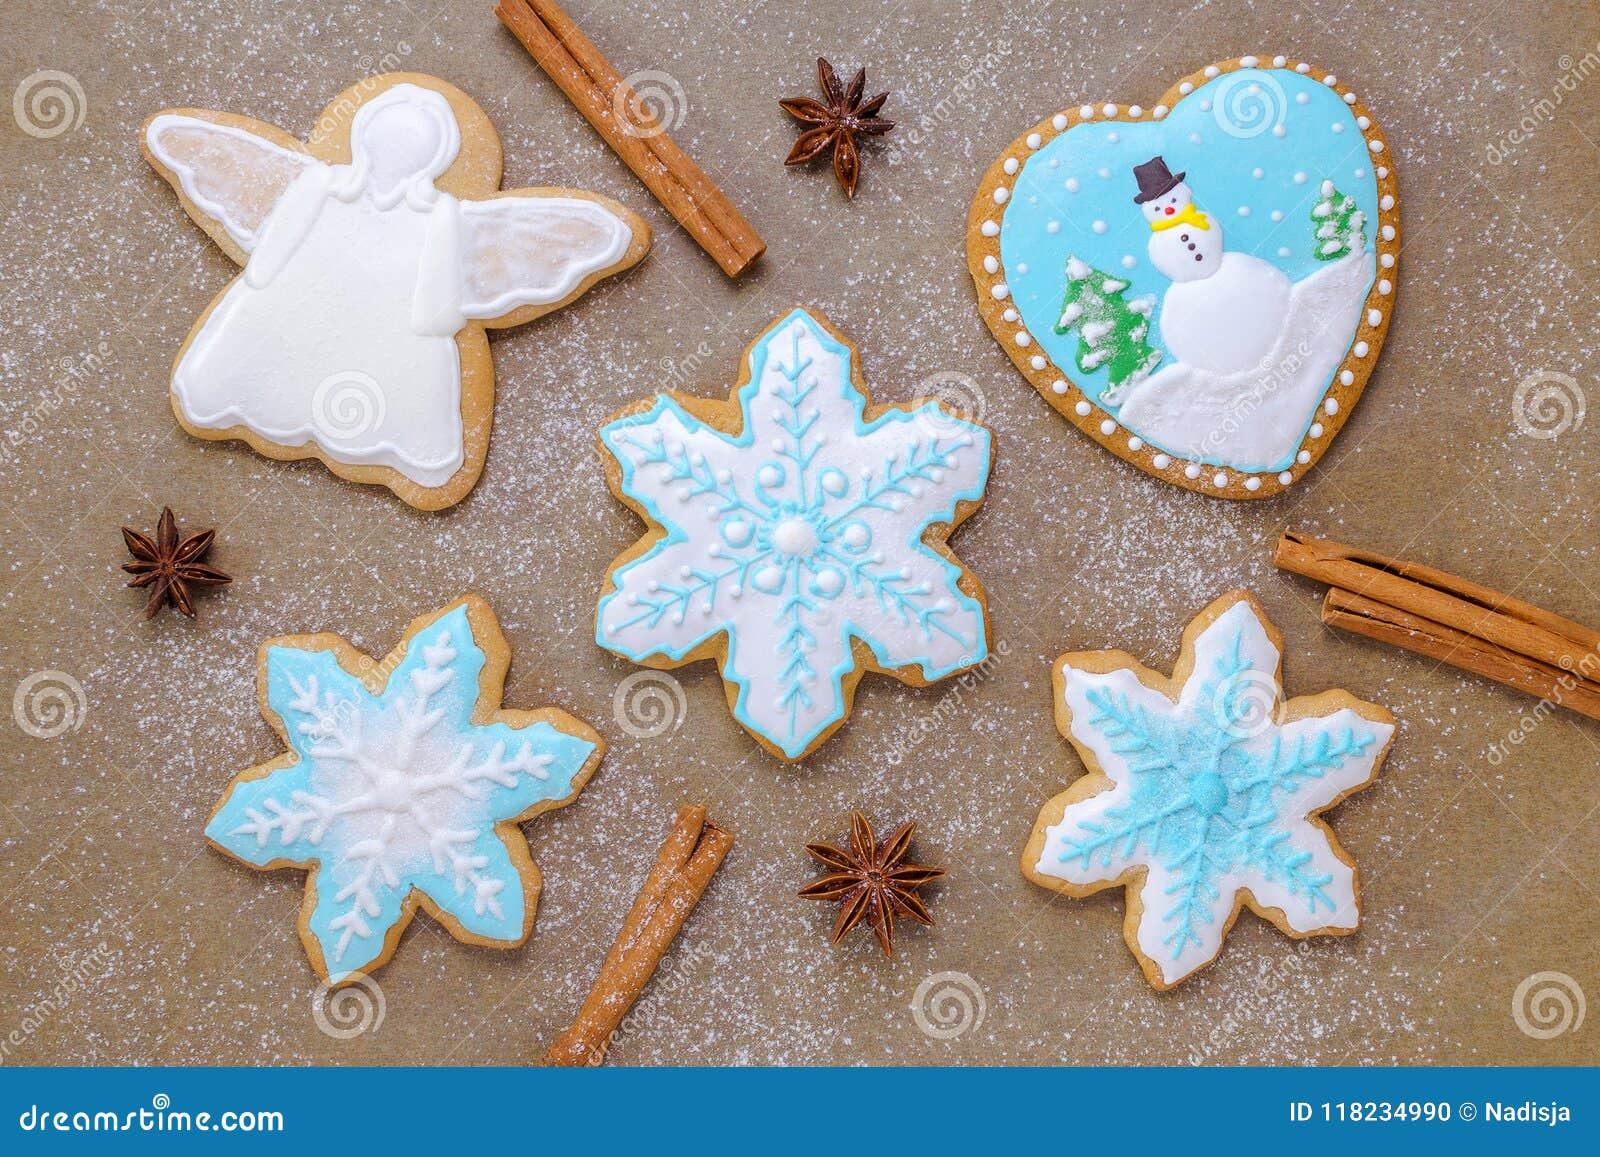 Homemade Christmas Cookie Like Snowflake And Angel With Cinnamon